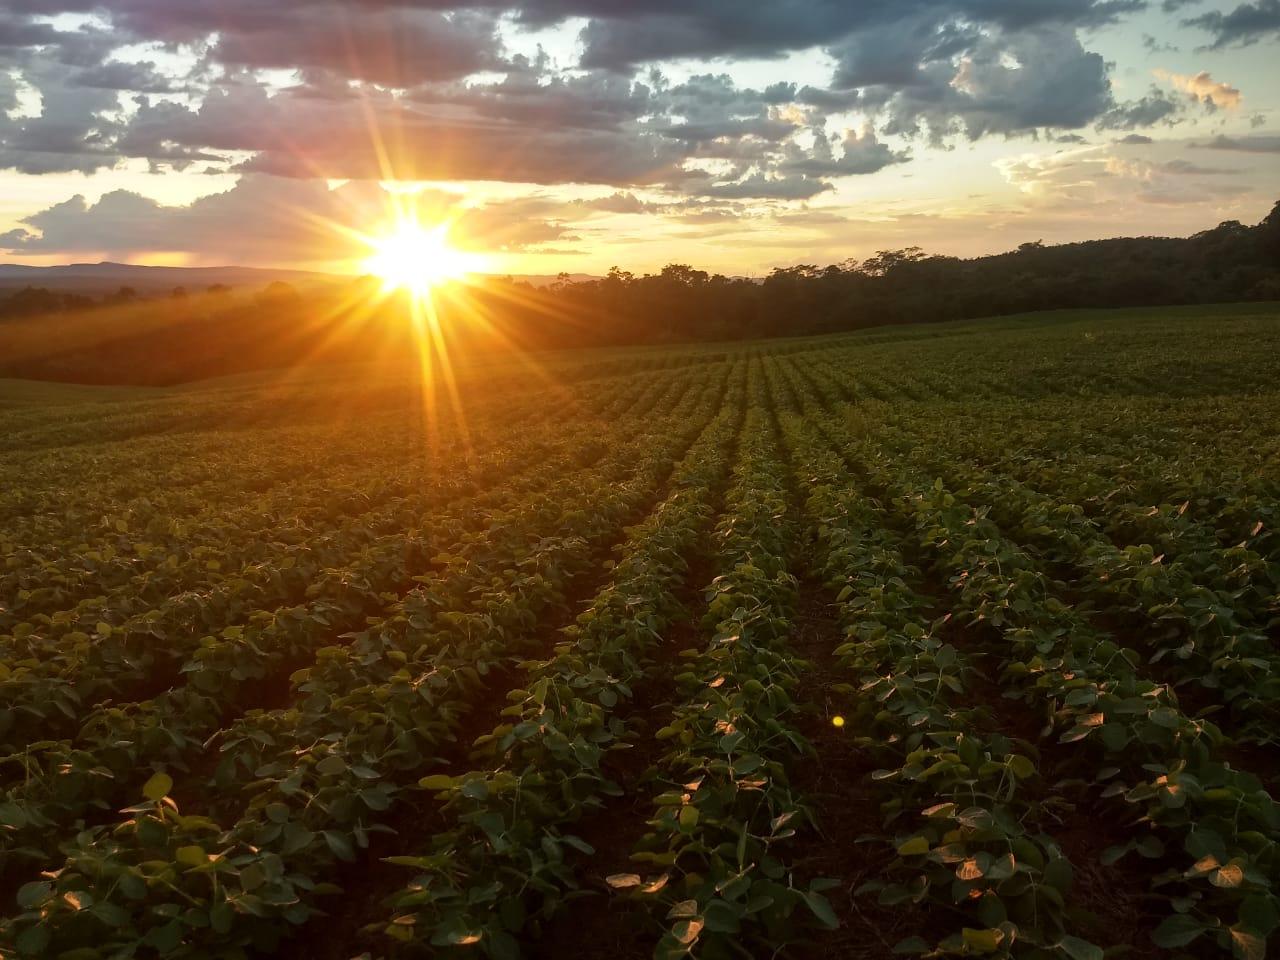 O sol na Fazenda Ômega, em Padre Bernardo (GO). Envio de Aurélio de Andrade Mendonça